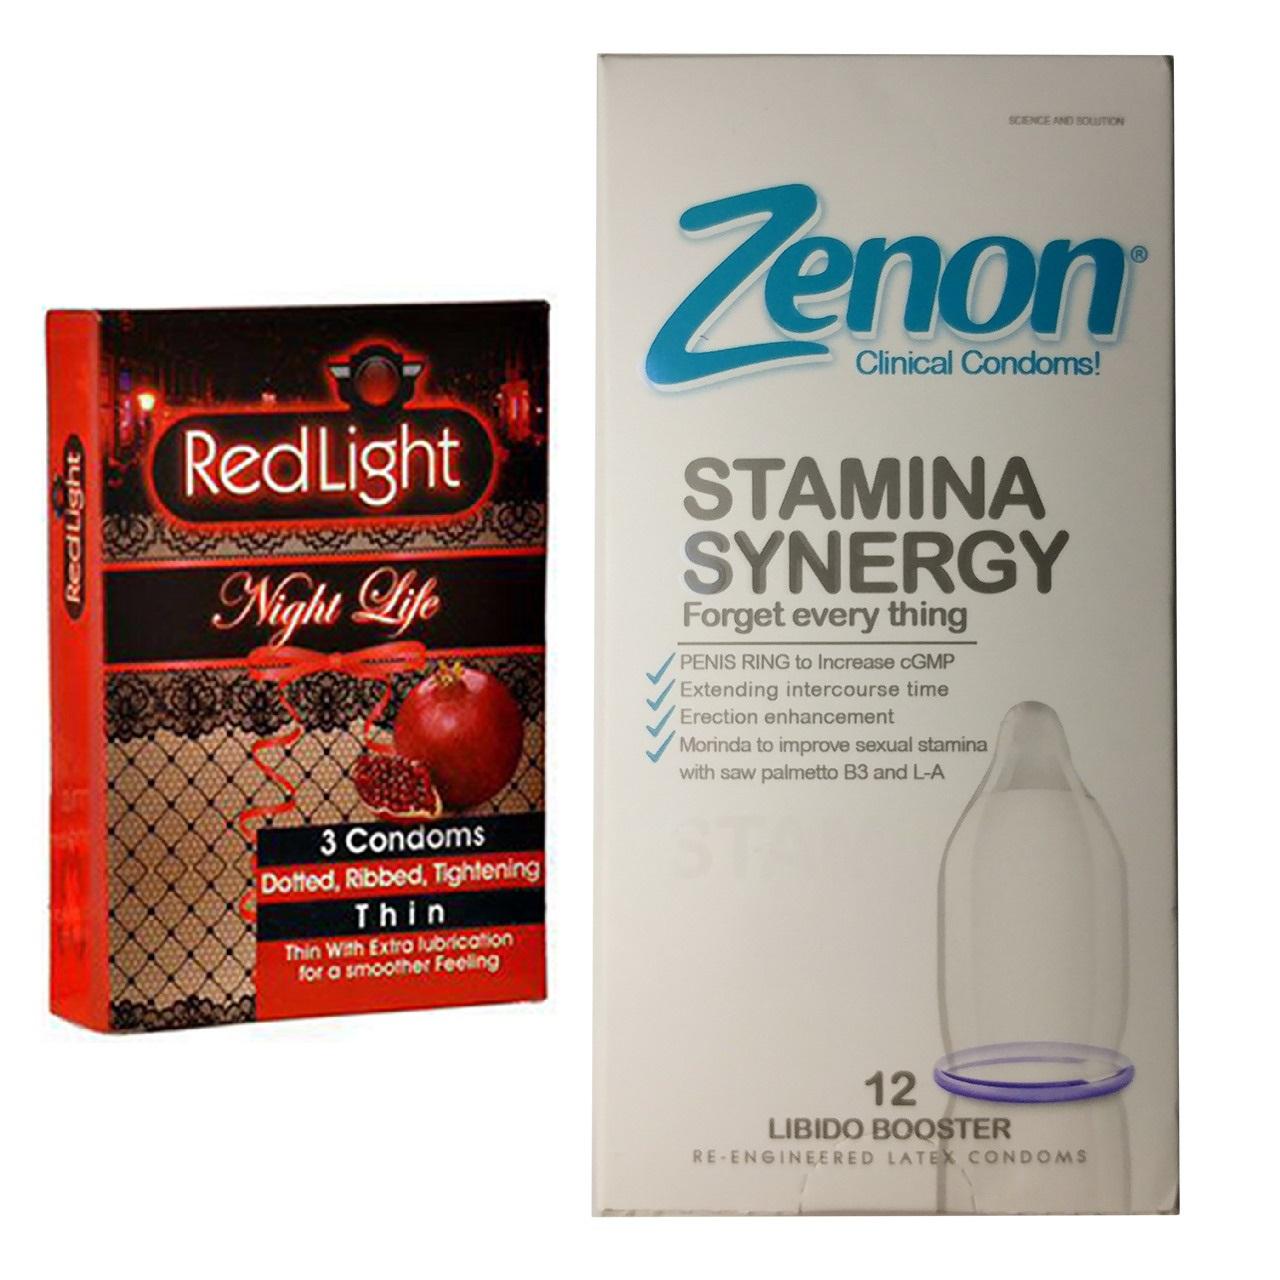 خرید                      کاندوم زنون مدل Stamina Synergy بسته 12 عددی به همراه کاندوم ردلایت مدل Night Life بسته 3 عددی